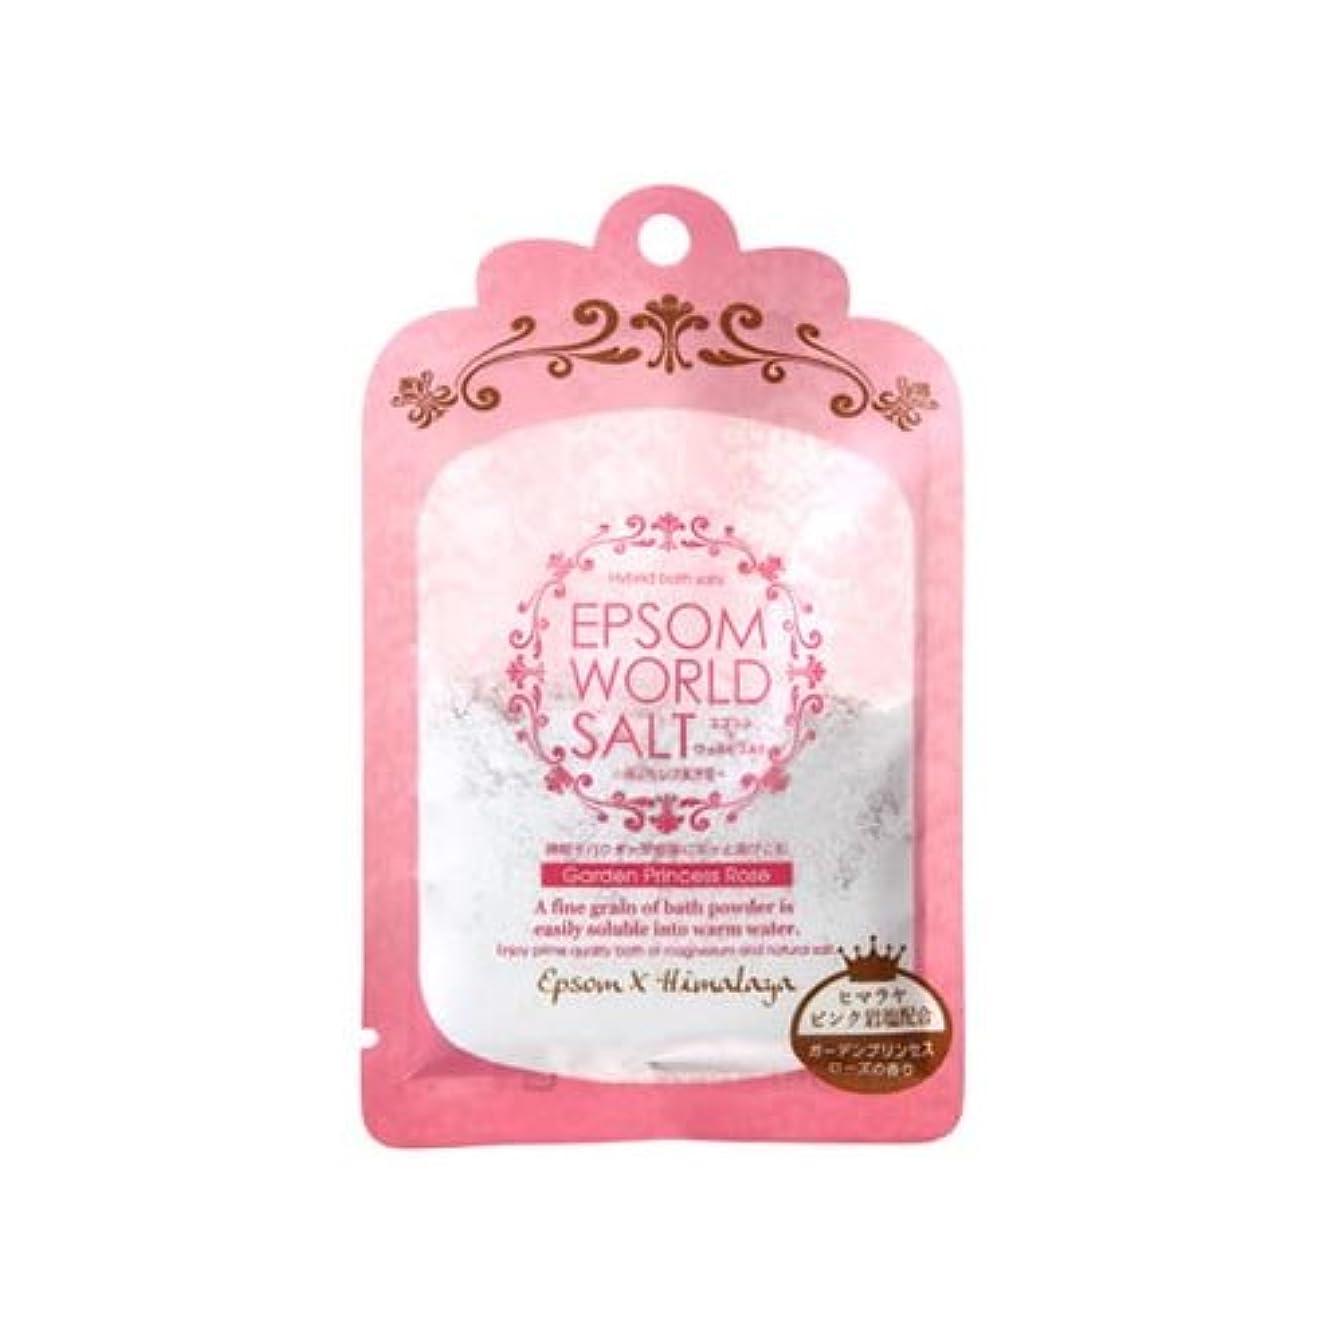 エプソムワールドソルト ガーデンプリンセス ローズの香り 50g